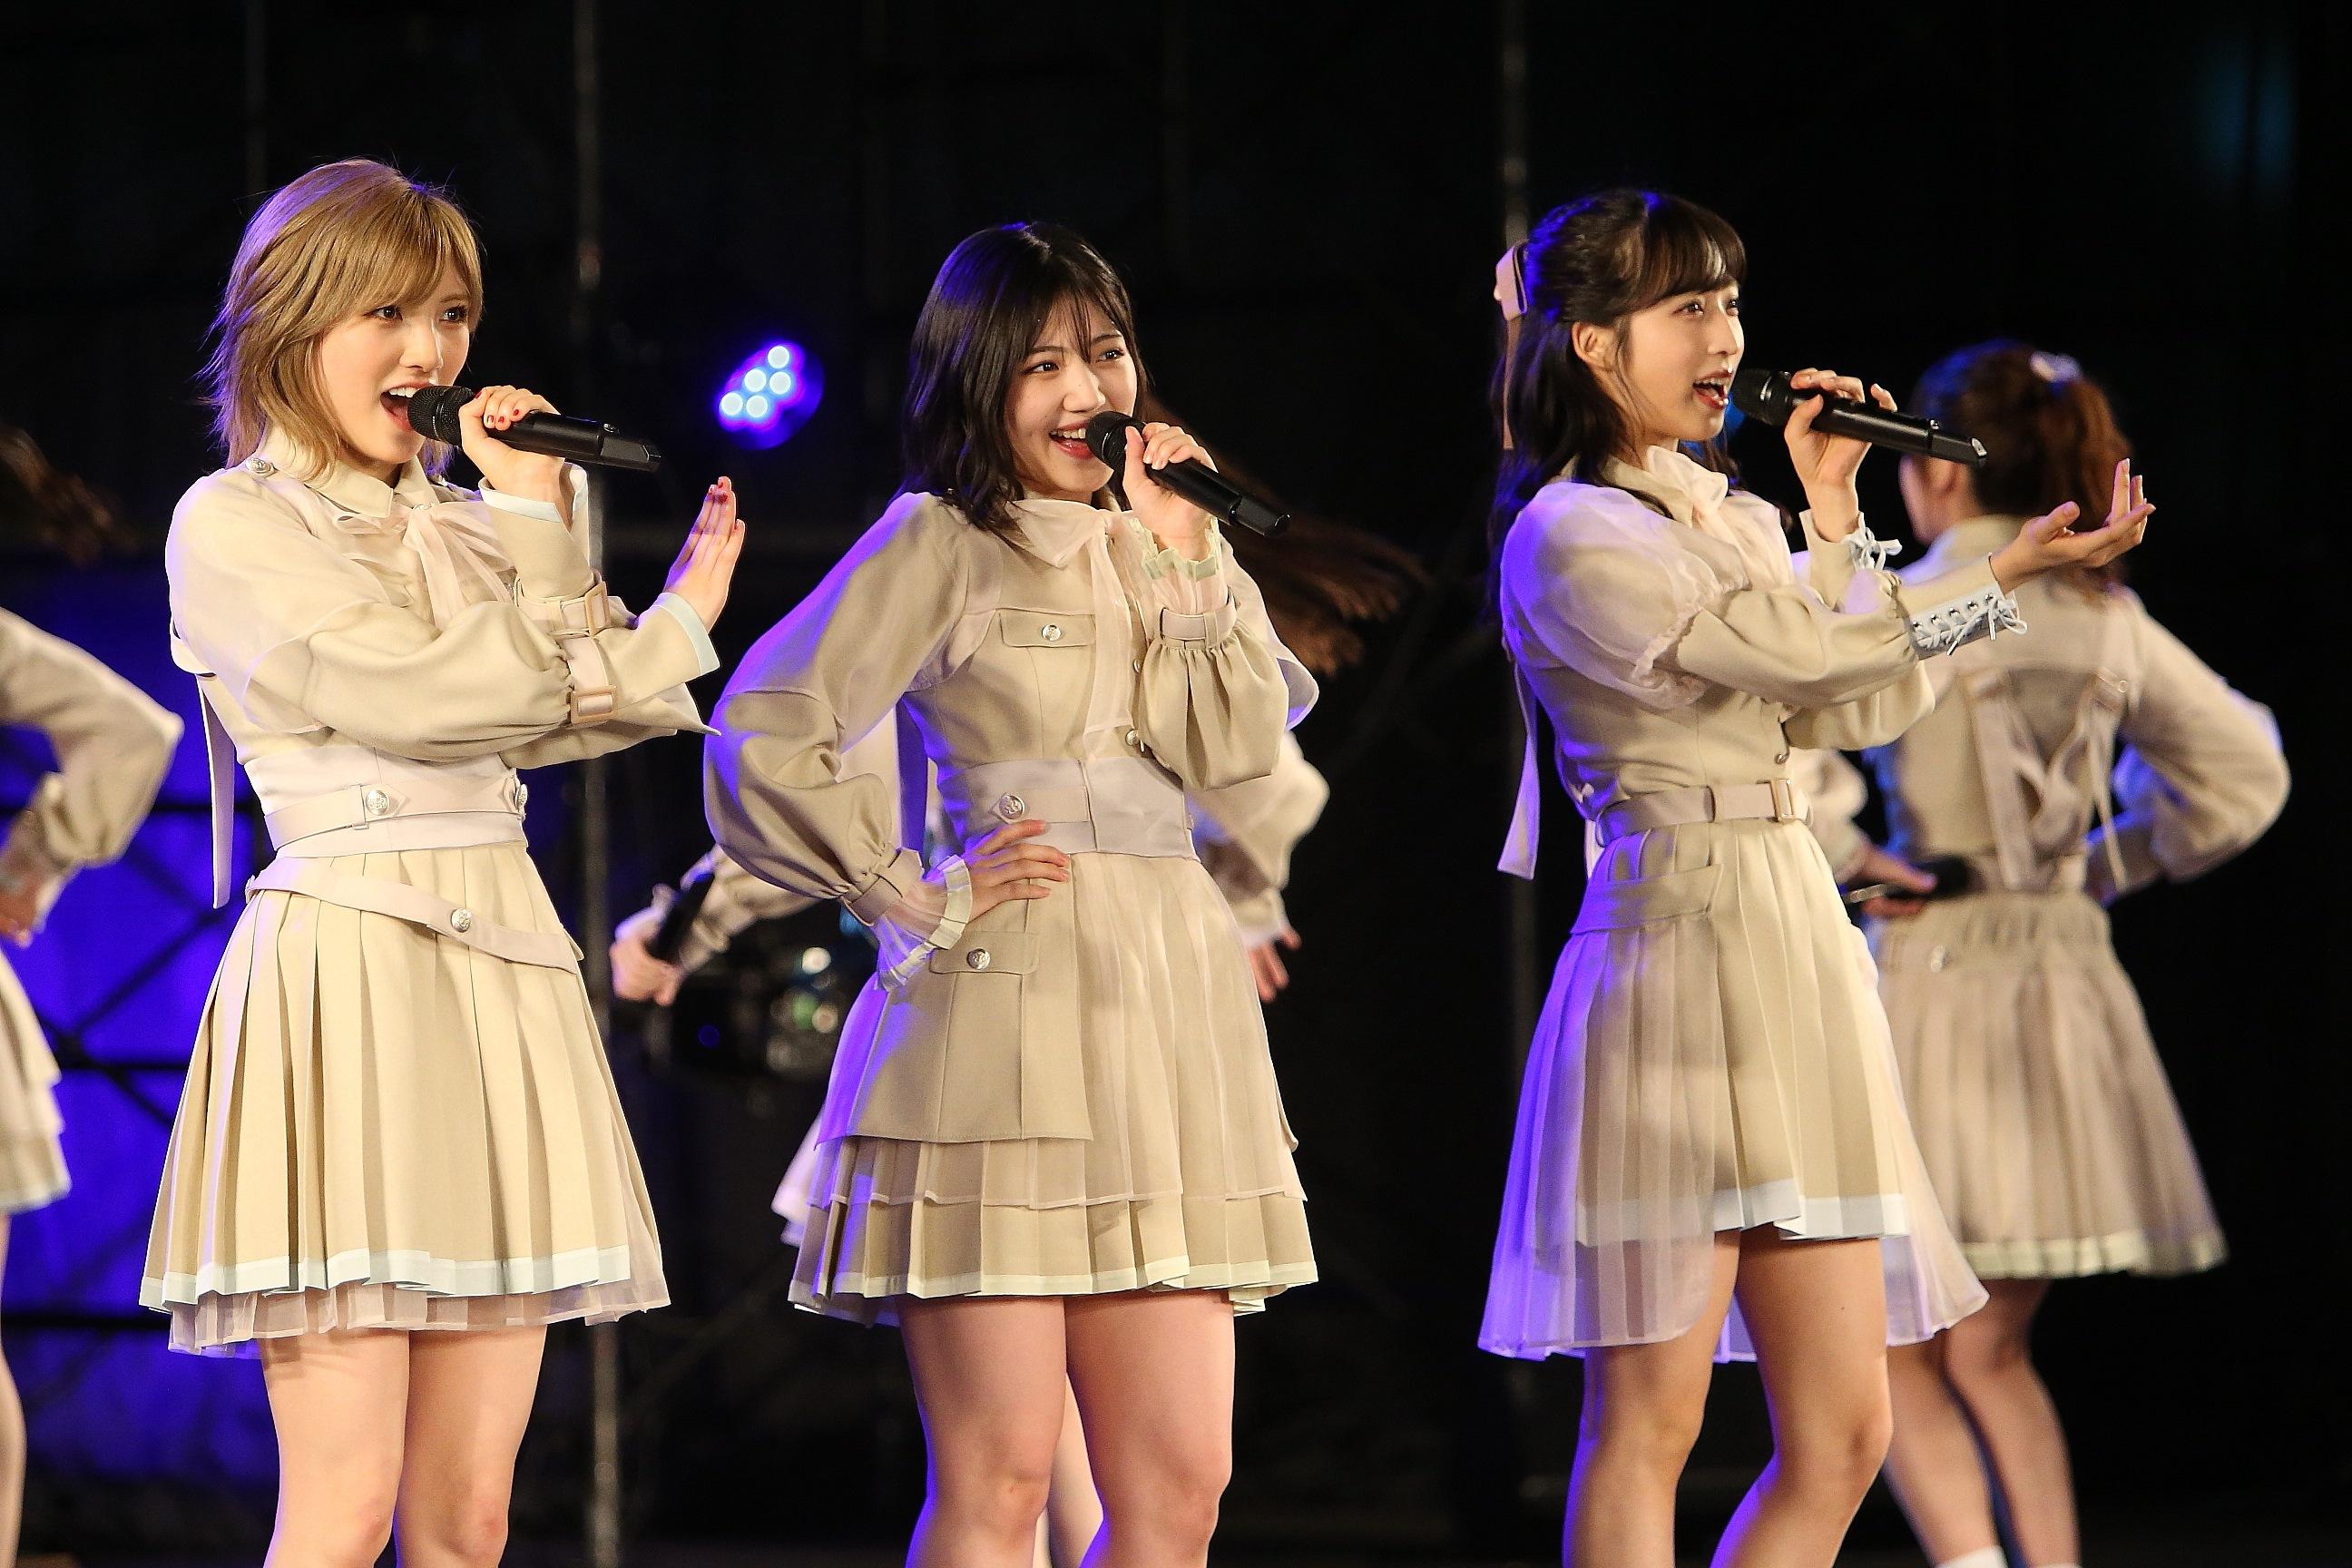 10月17日ライブ (C) AKB48